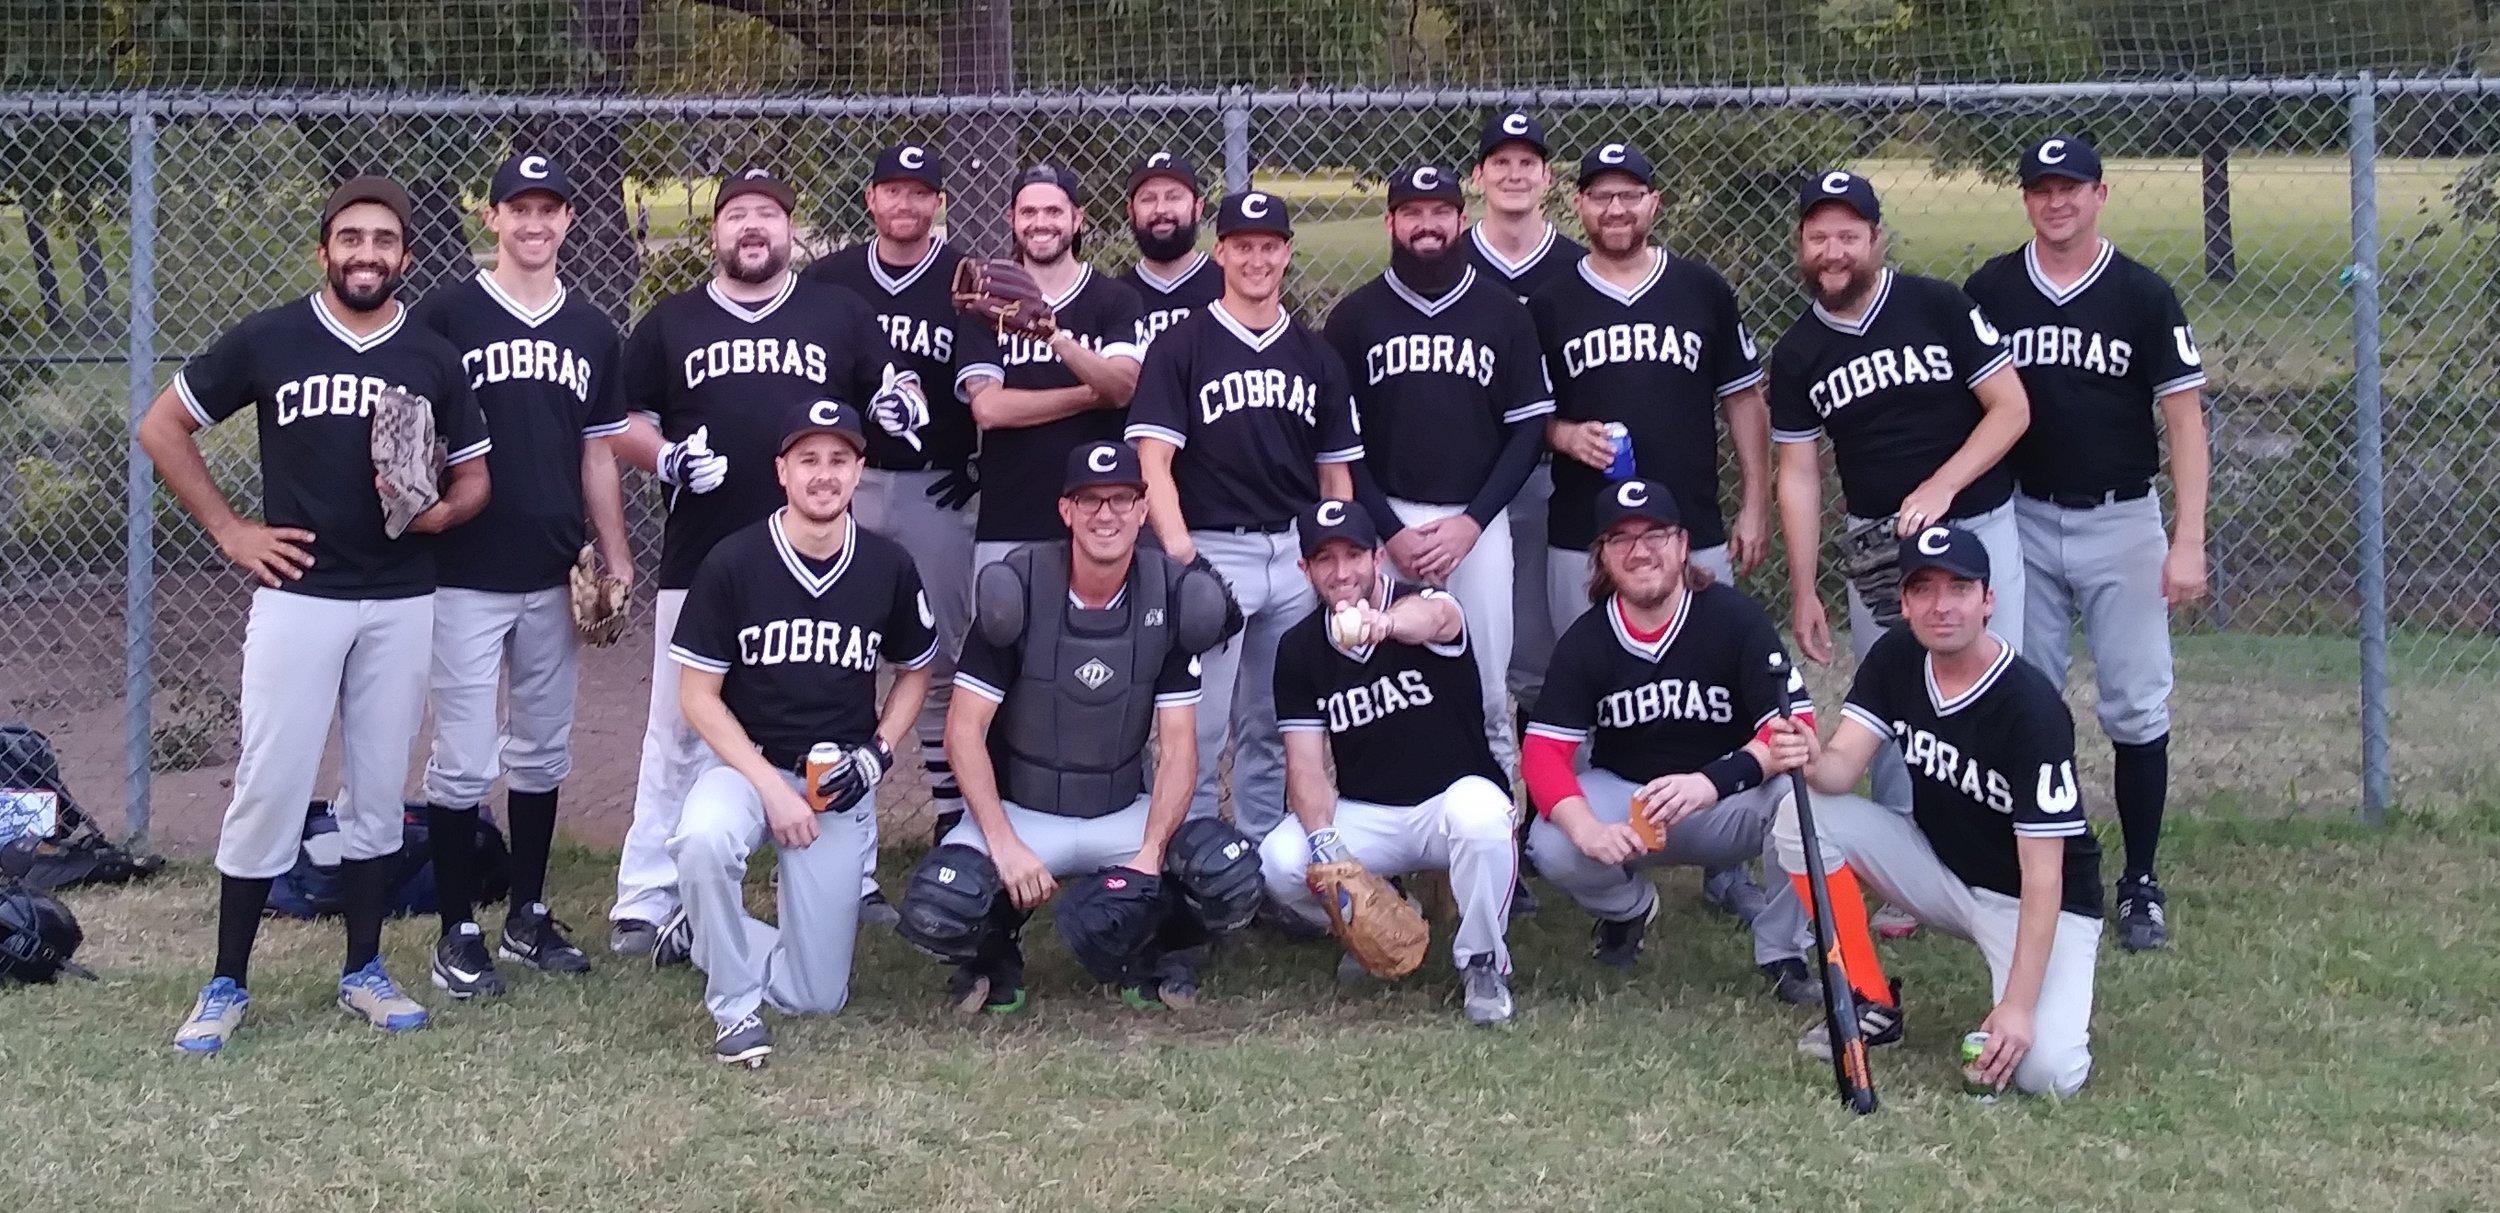 Cobras Team No Beer.jpg